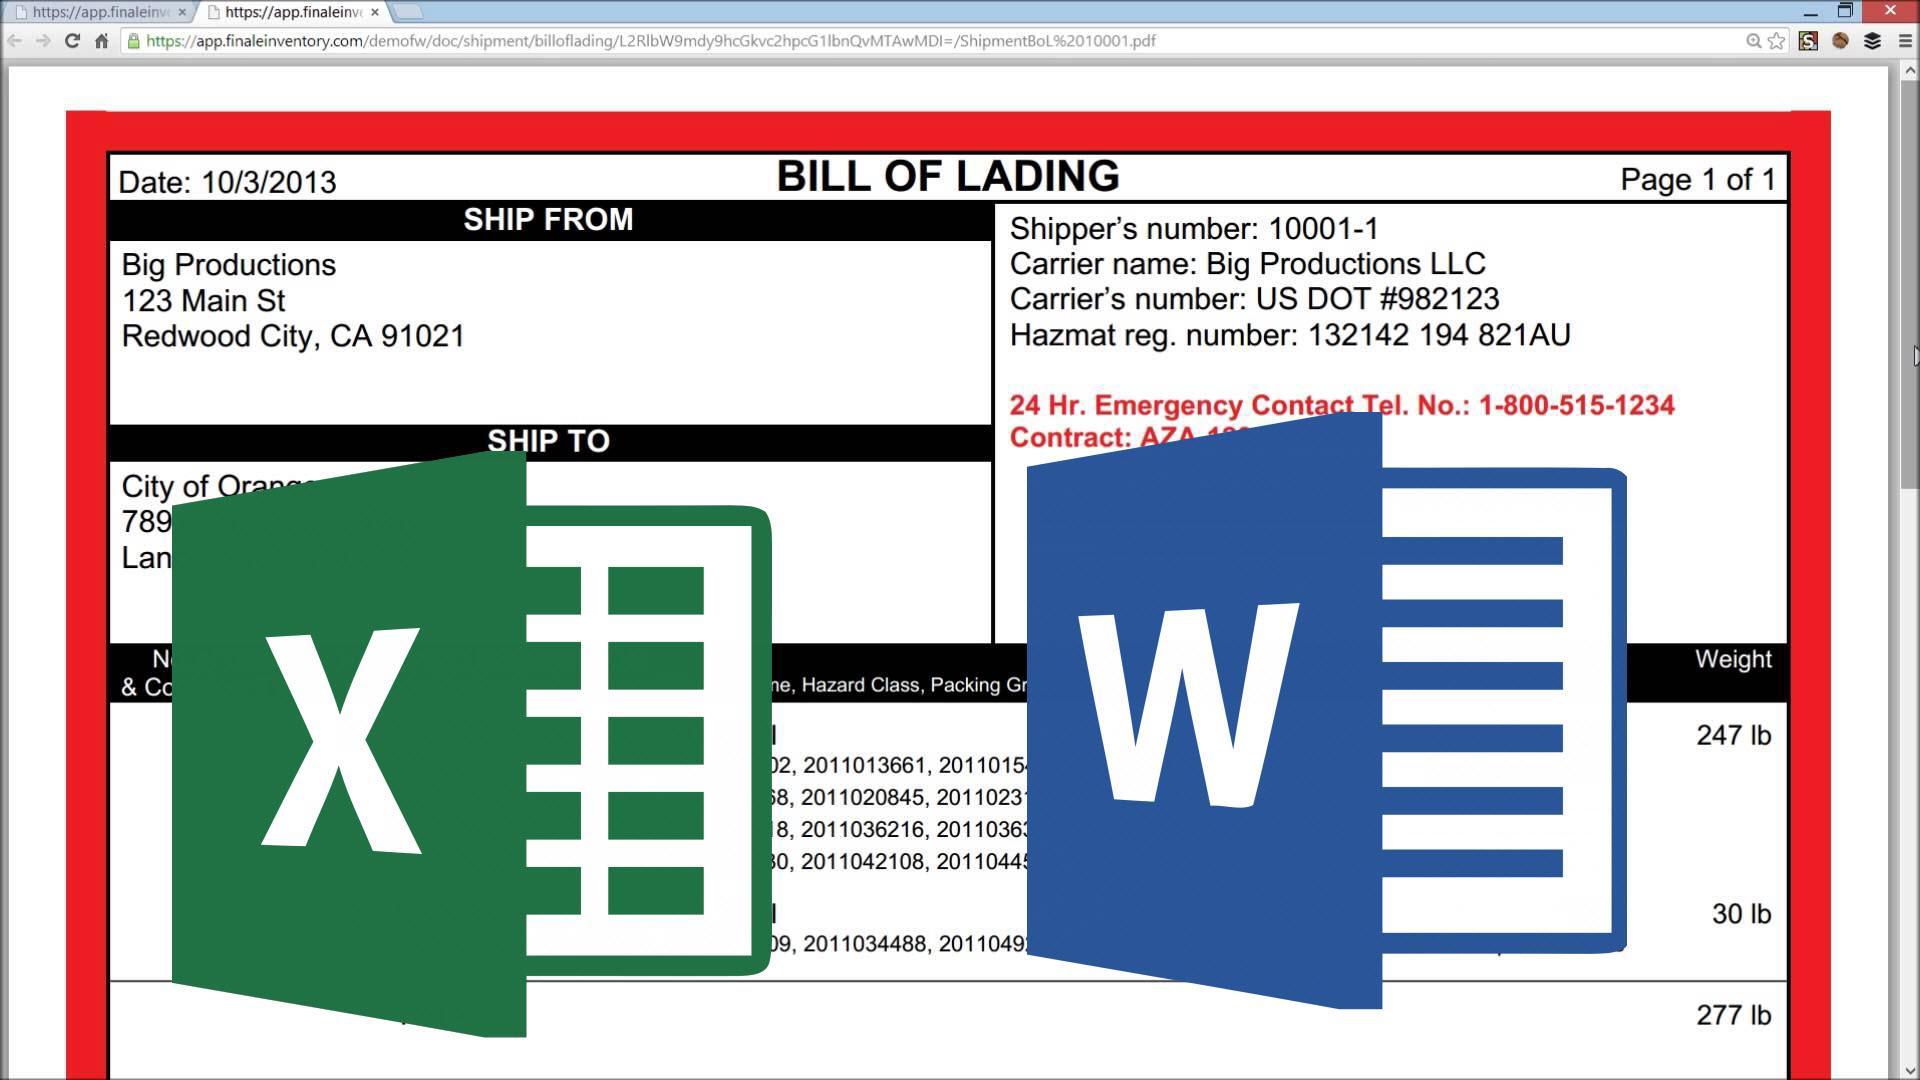 BillOfLading-1920x1080